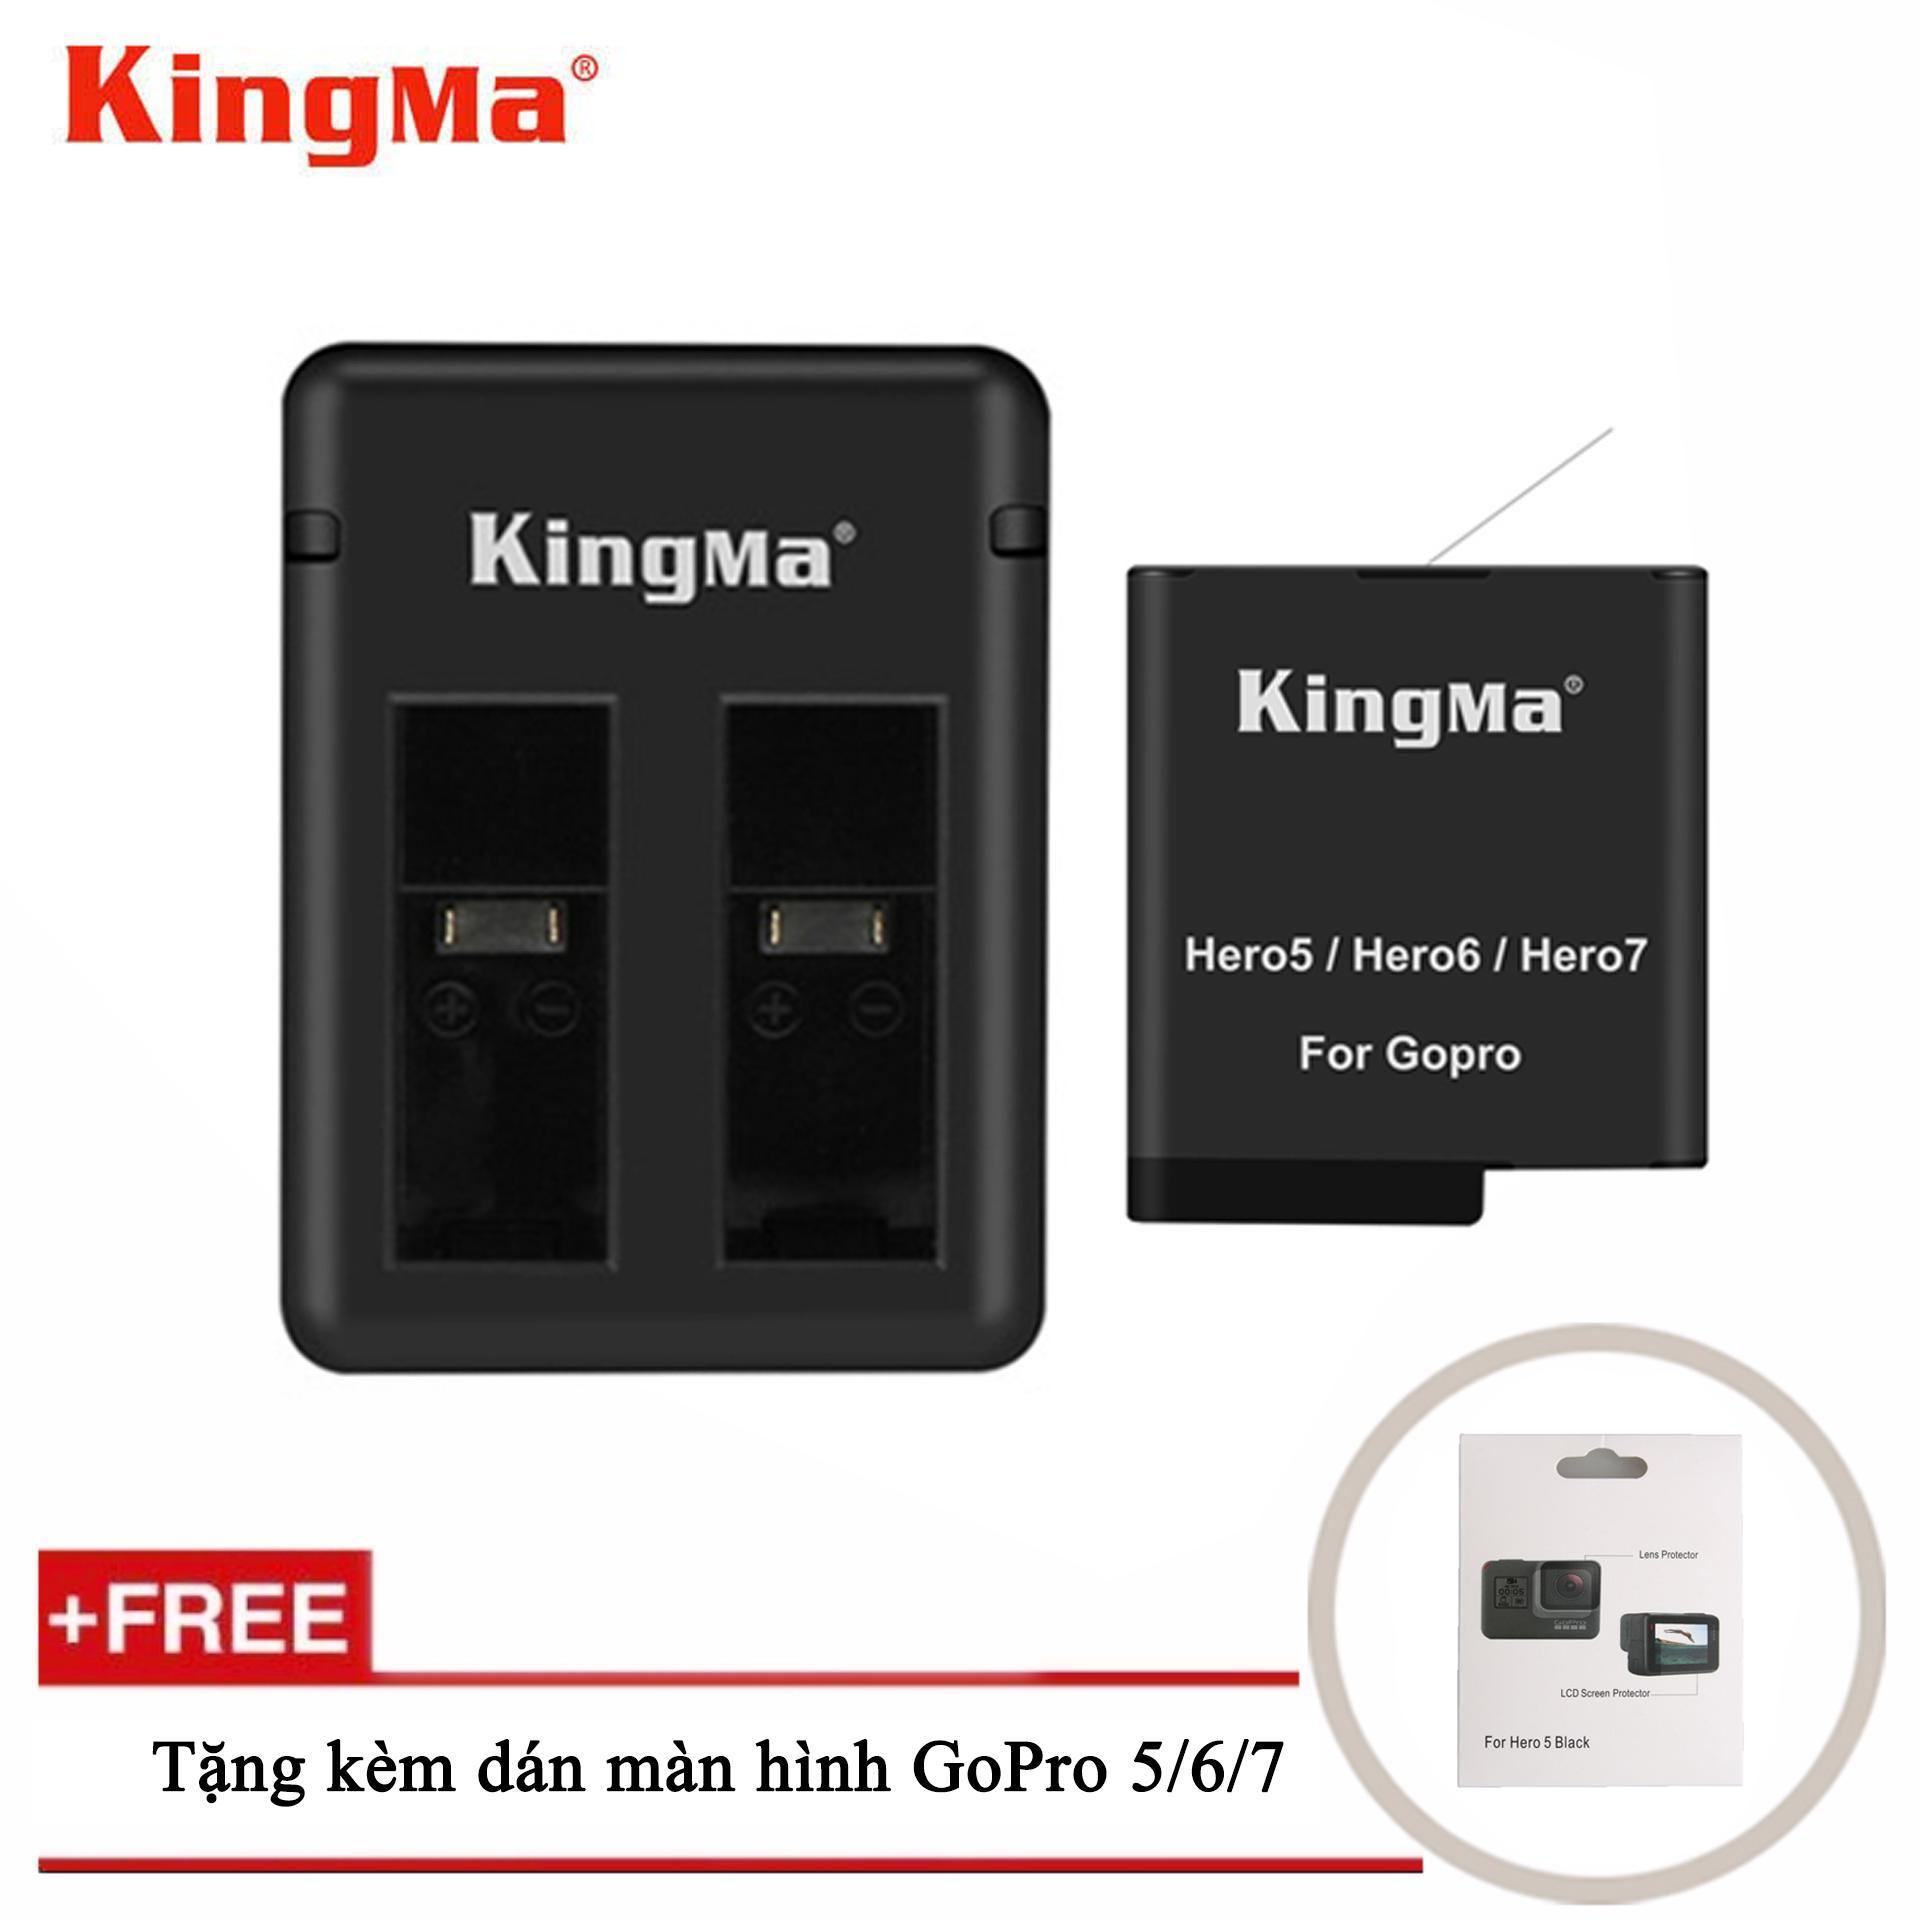 Combo sạc đôi + 1 pin Kingma cho GoPro Hero 5, GoPro Hero 6, GoPro Hero 7, GoPro Hero 8,...